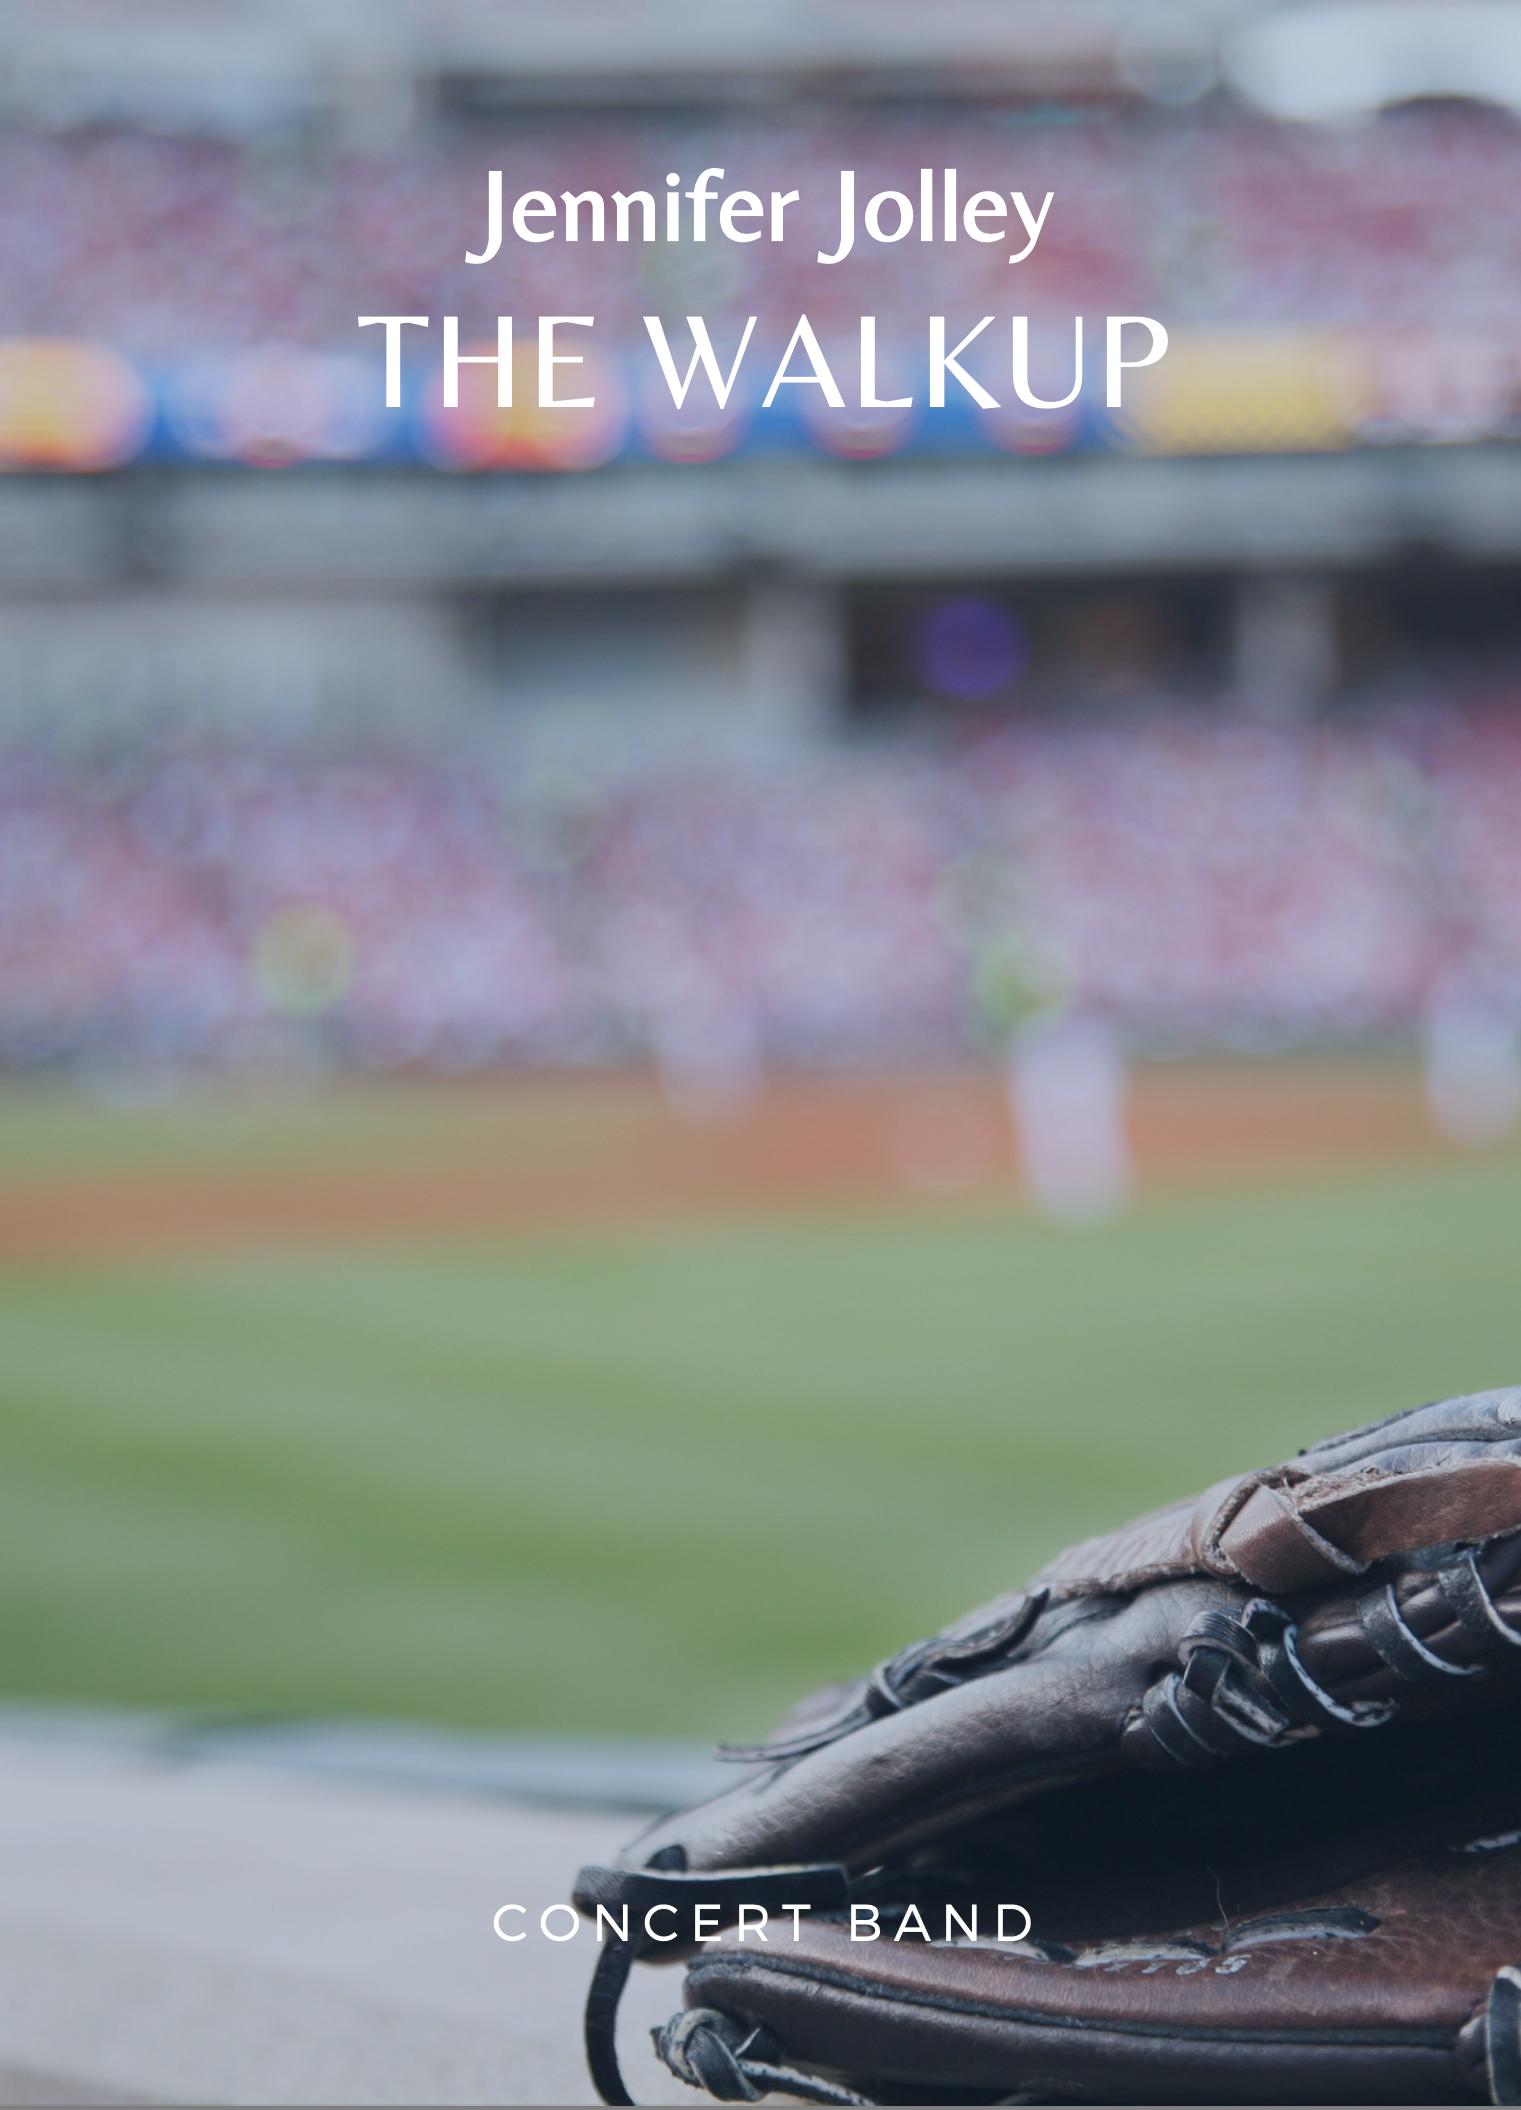 The Walkup by Jennifer Jolley